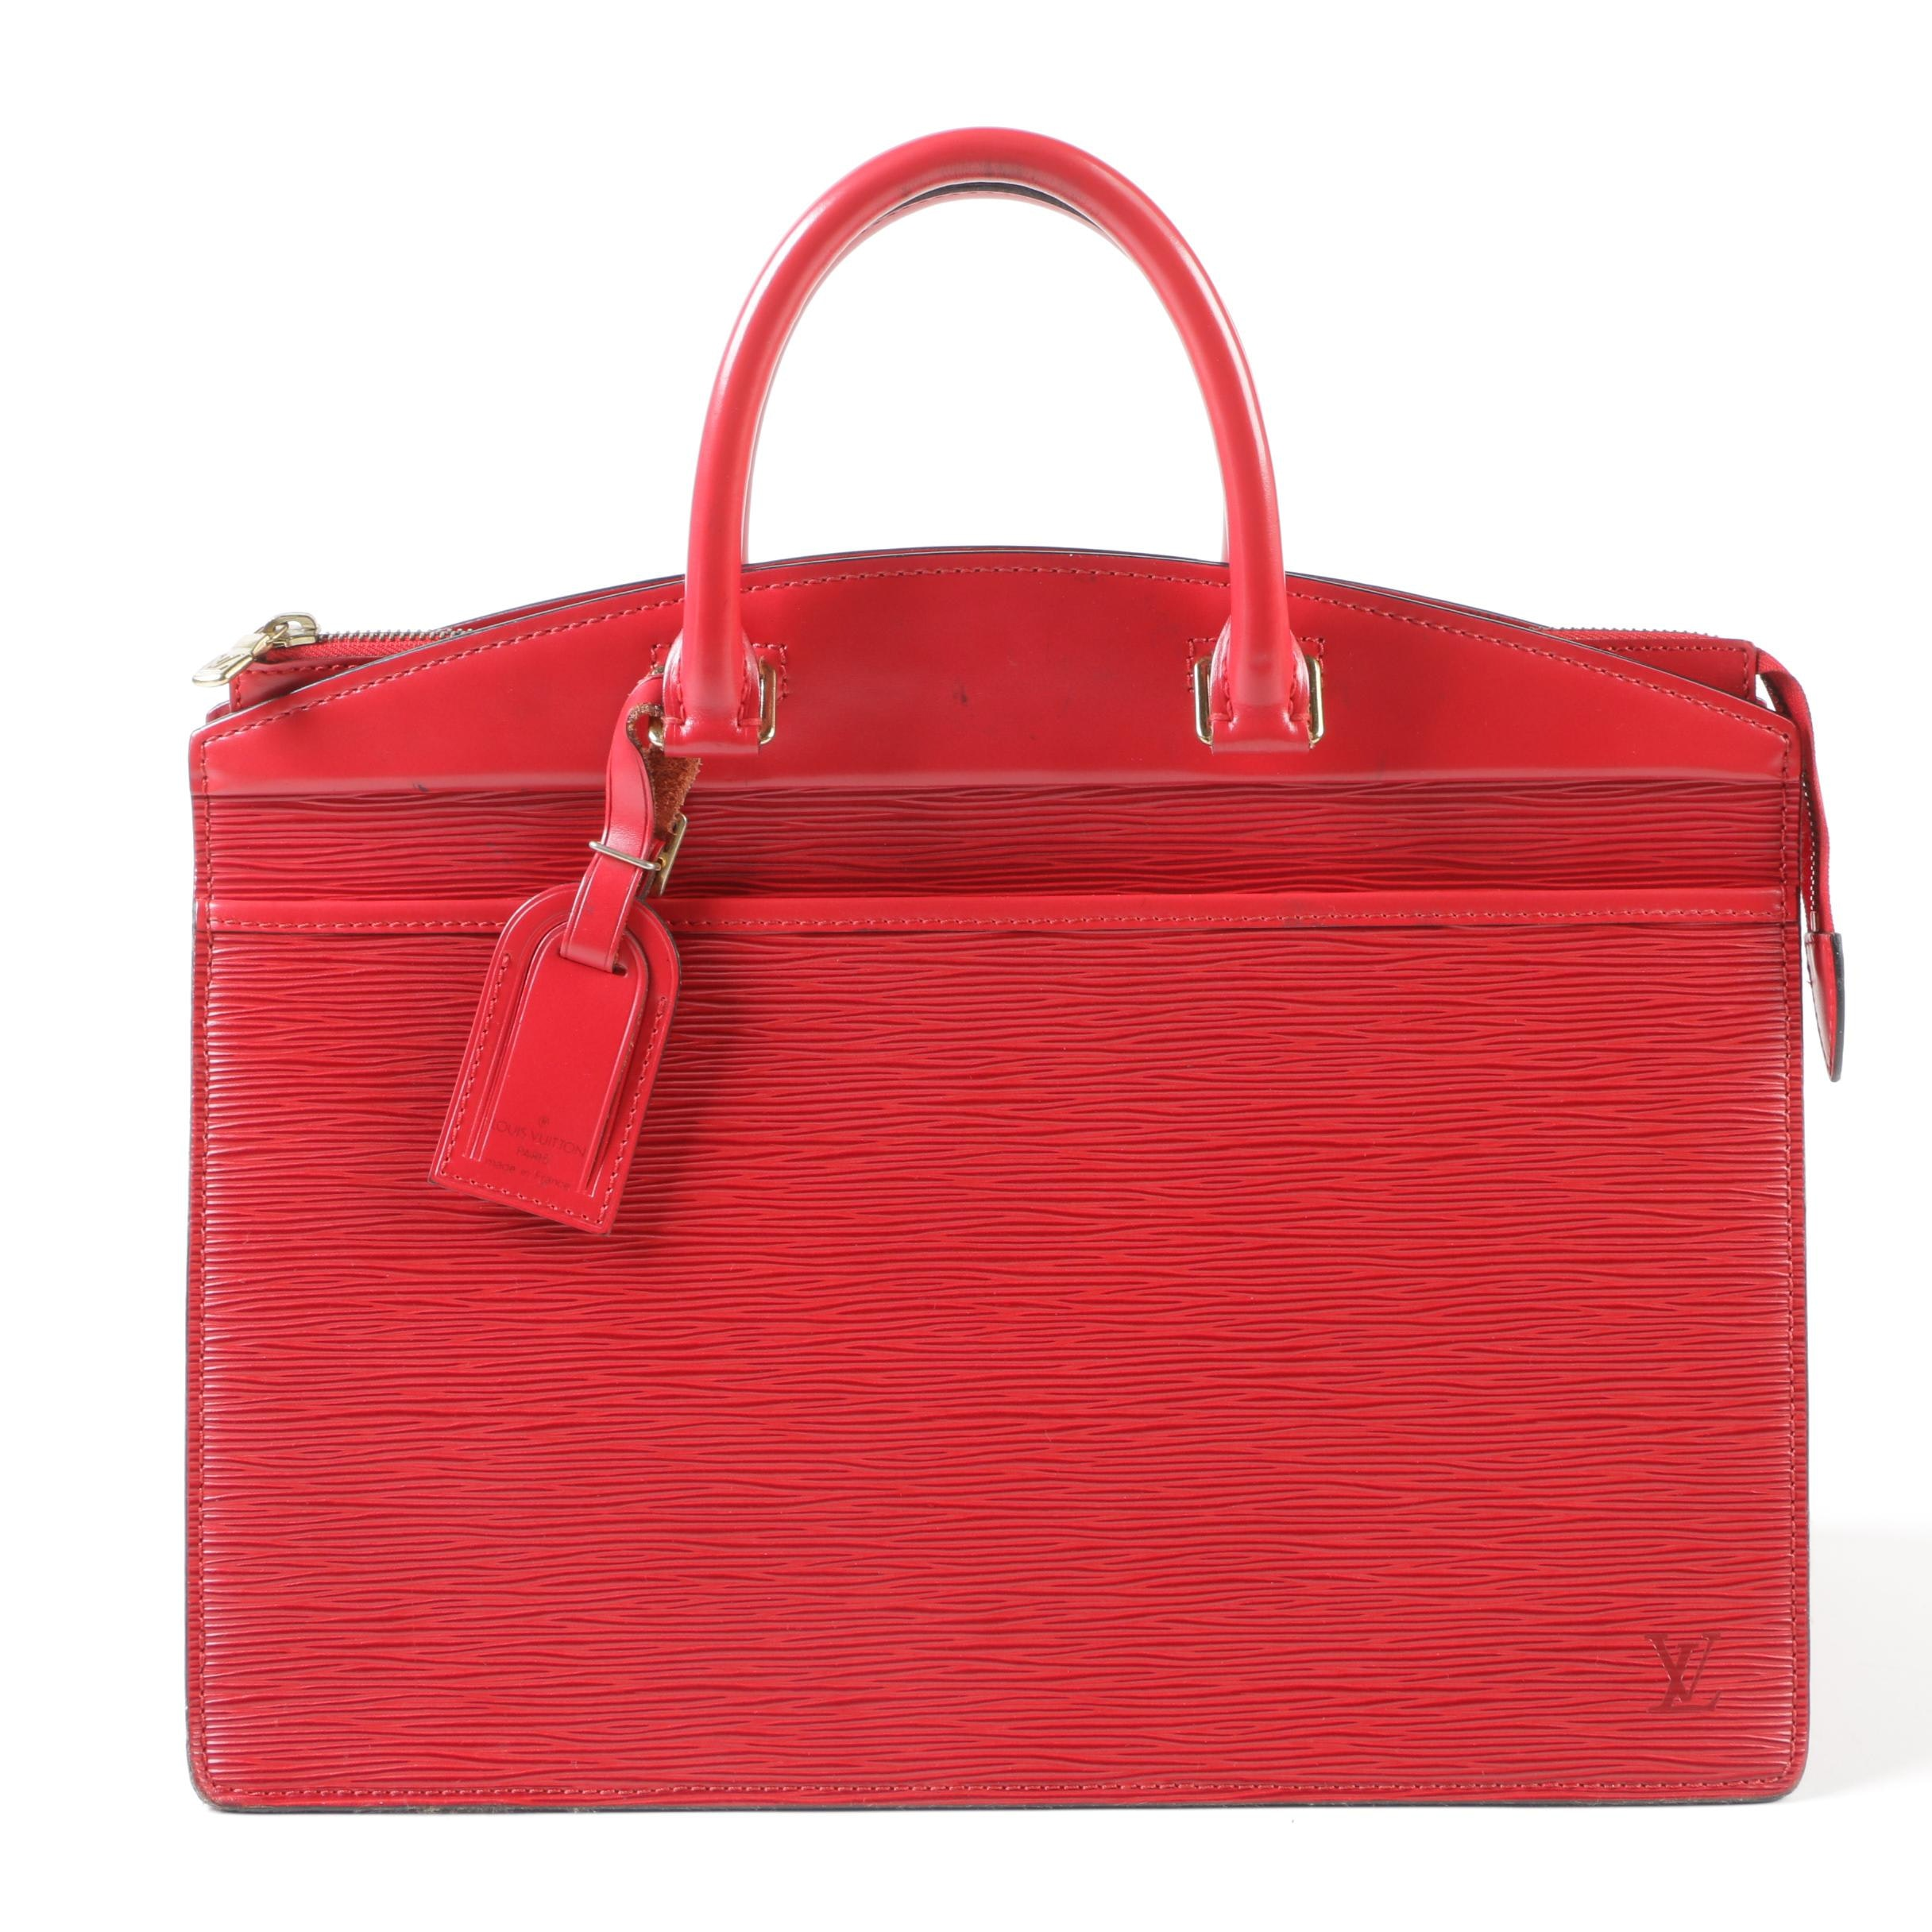 Louis Vuitton Paris Castilian Red Epi Leather Riviera Bag